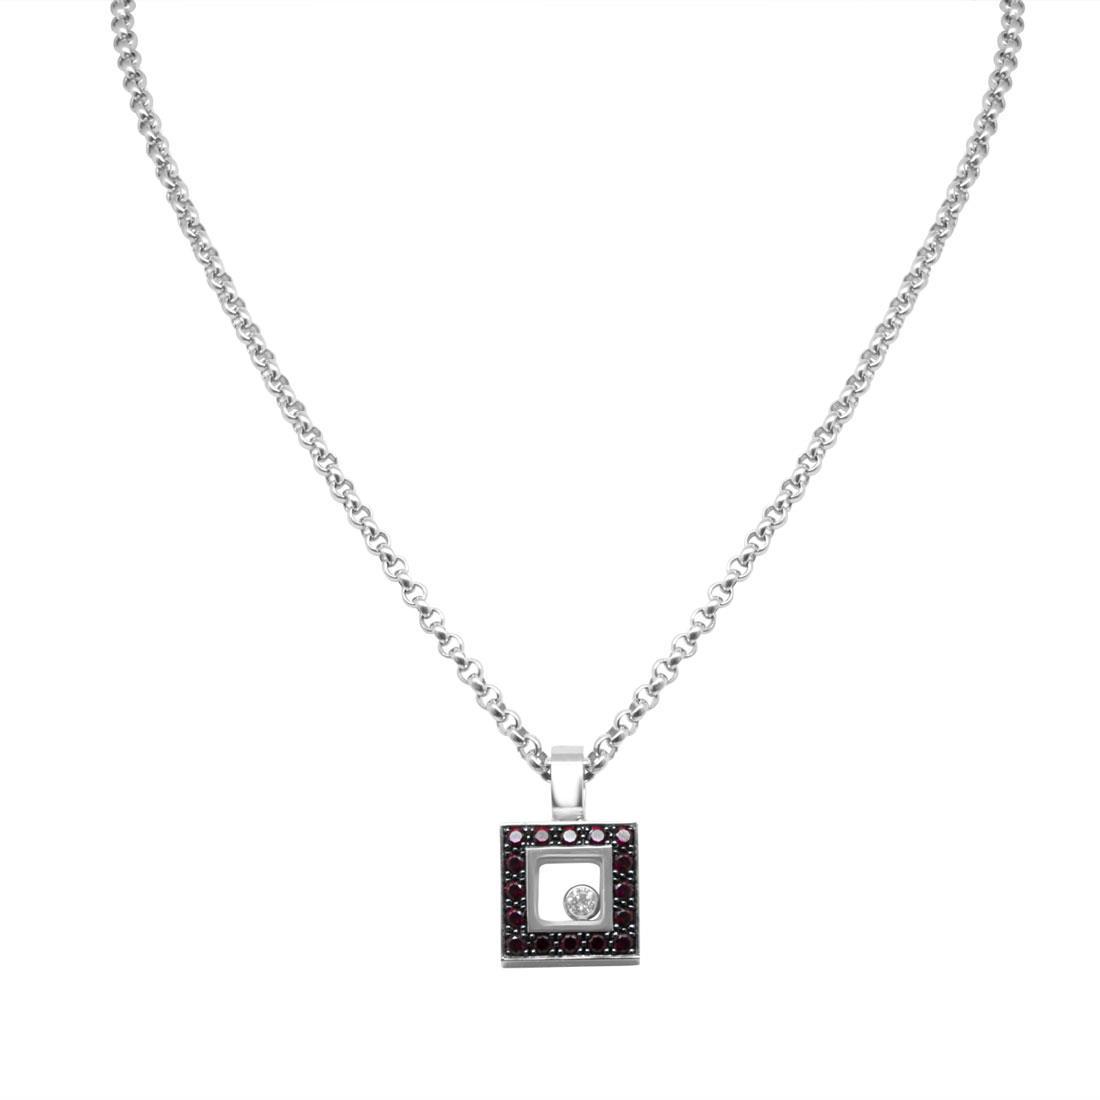 Collana Chopard con diamanti ct 0,05 e rubini ct 0,35 - CHOPARD